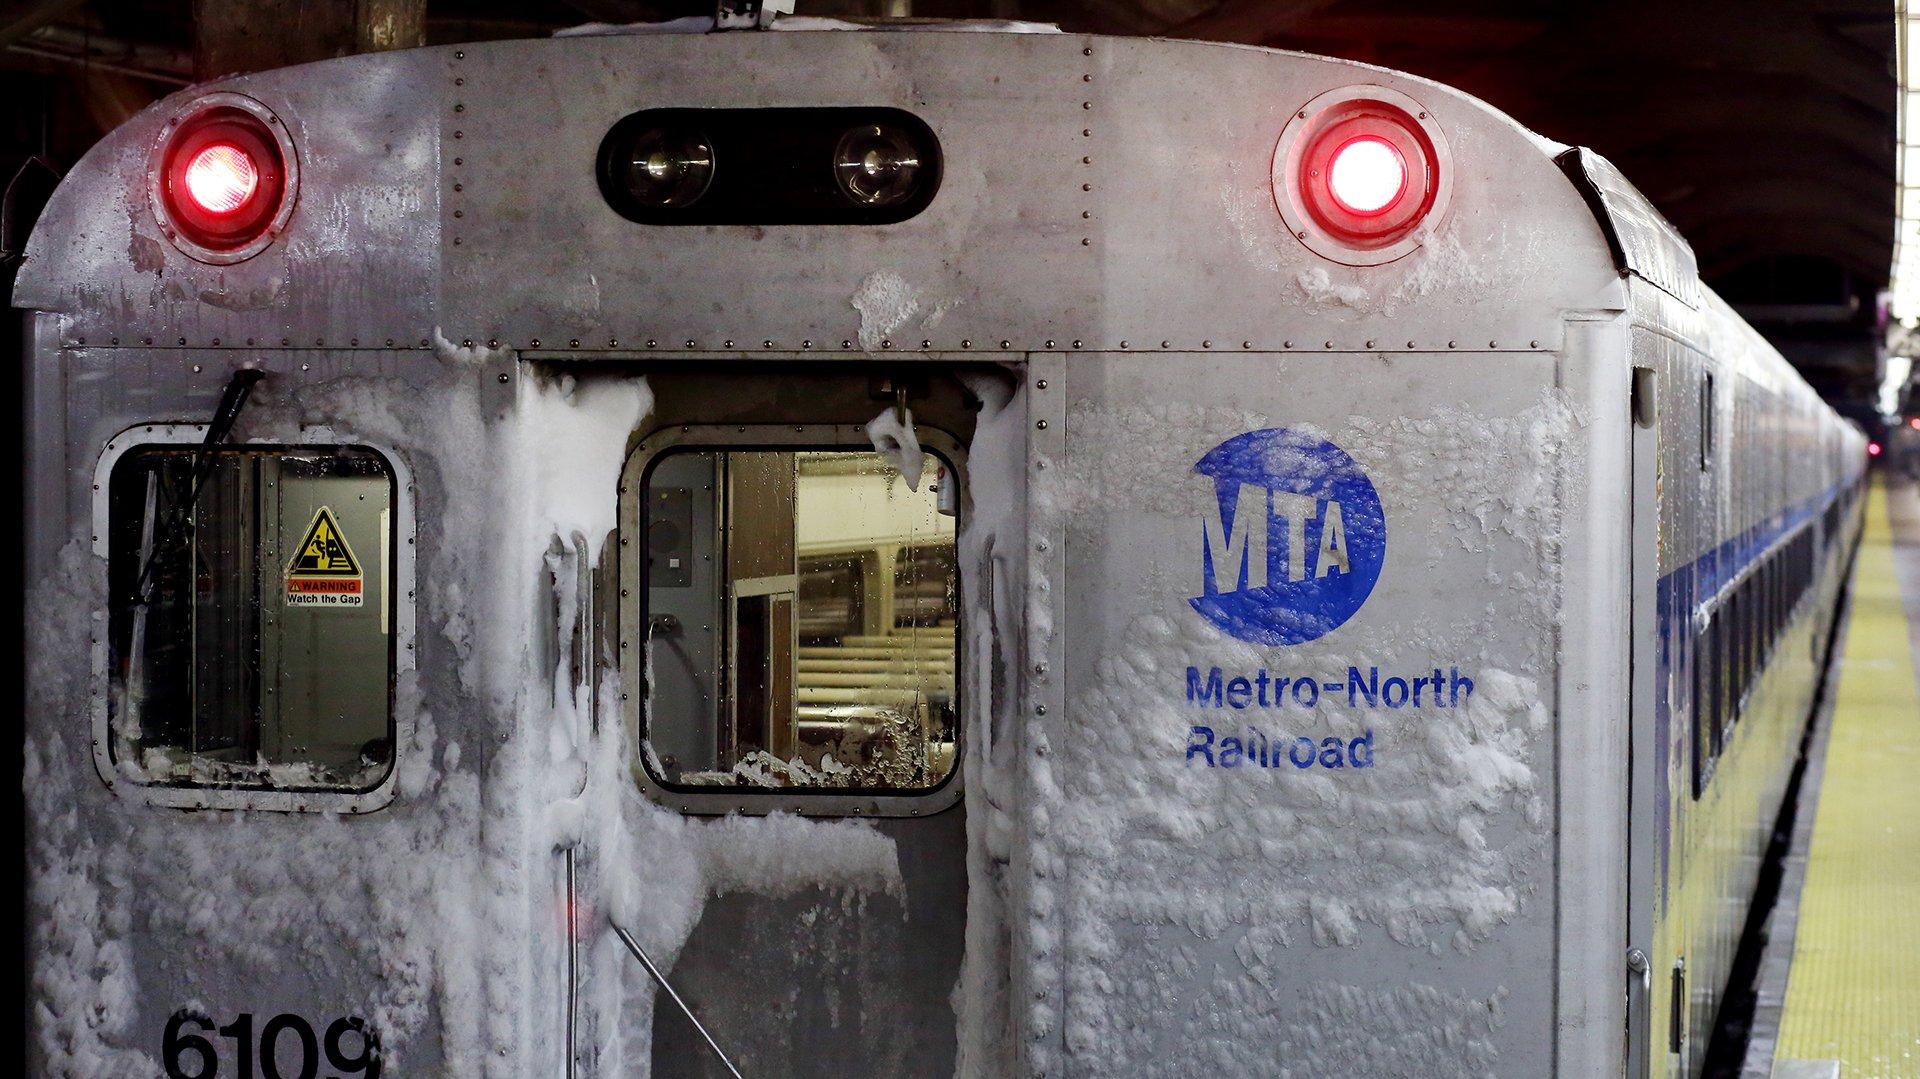 Un tren de la linea Metro-North, cubierto de nieve, se ve en la estación Grand Central